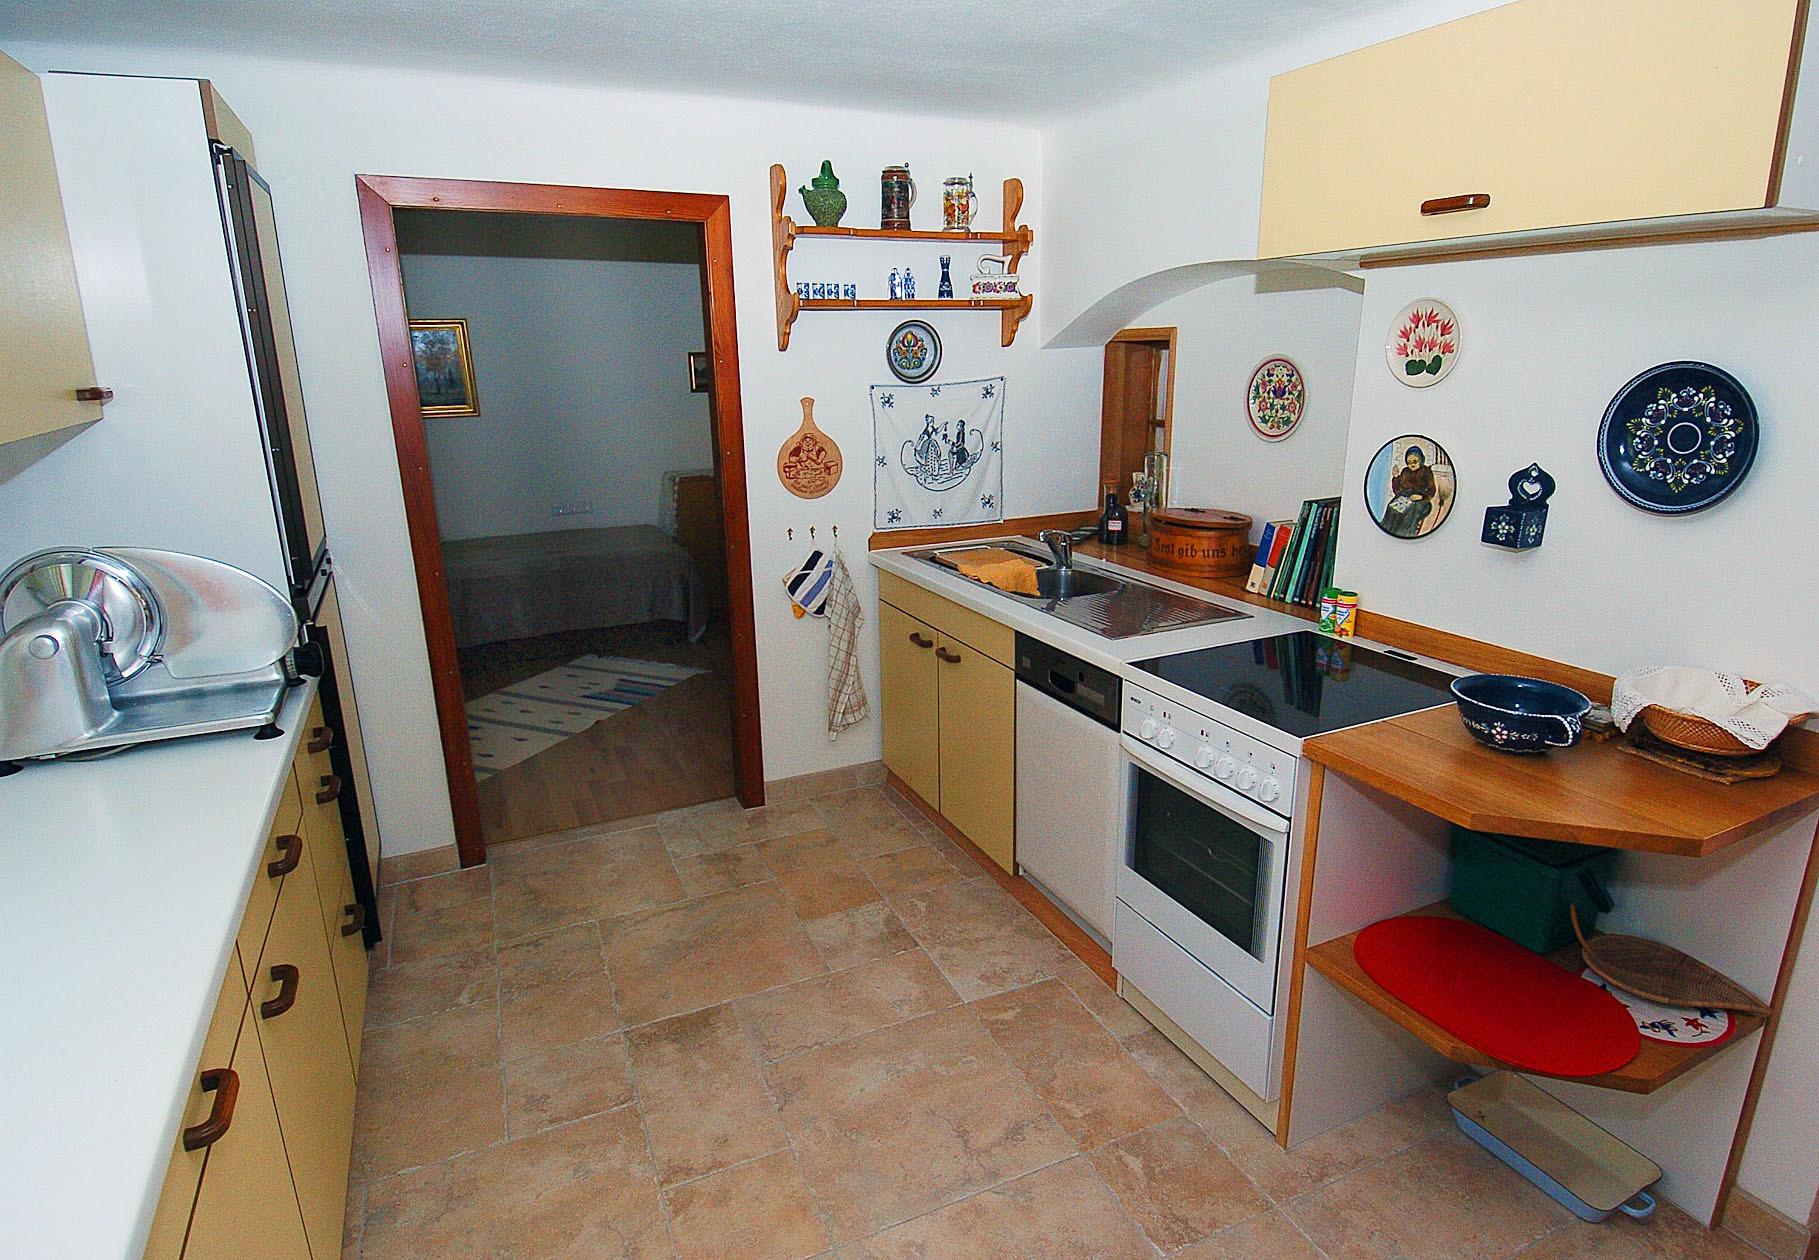 Komplett ausgestattete Küche mit Espressomaschine, Kühl & Tiefkühlschrank, Geschirrspüler, Mikrowelle